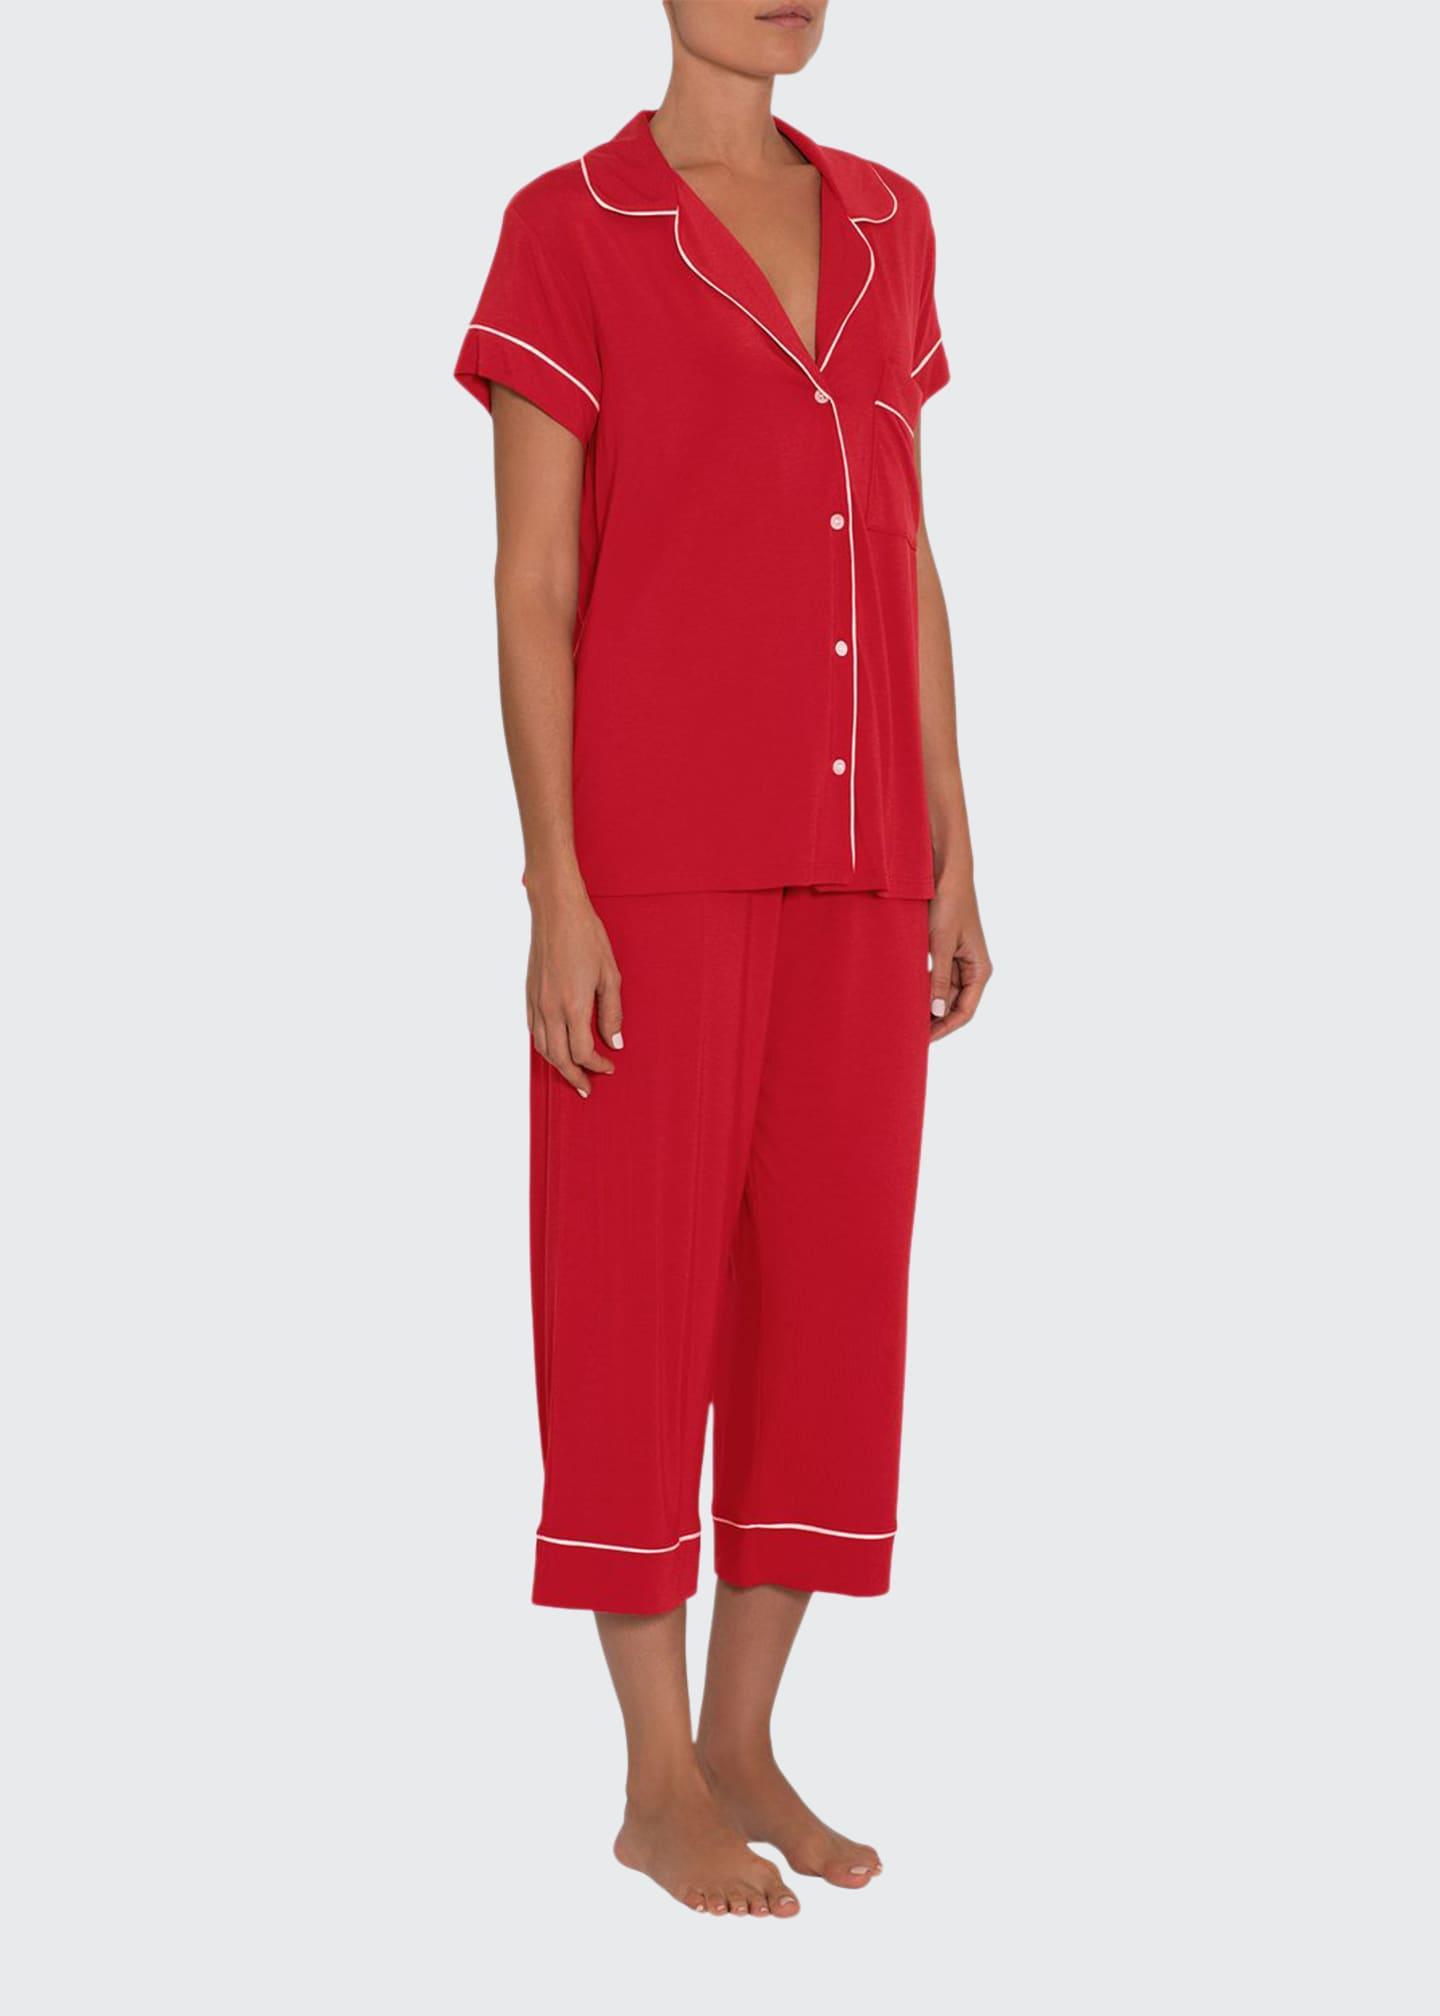 Eberjey Gisele Short-Sleeve Crop Pajama Set